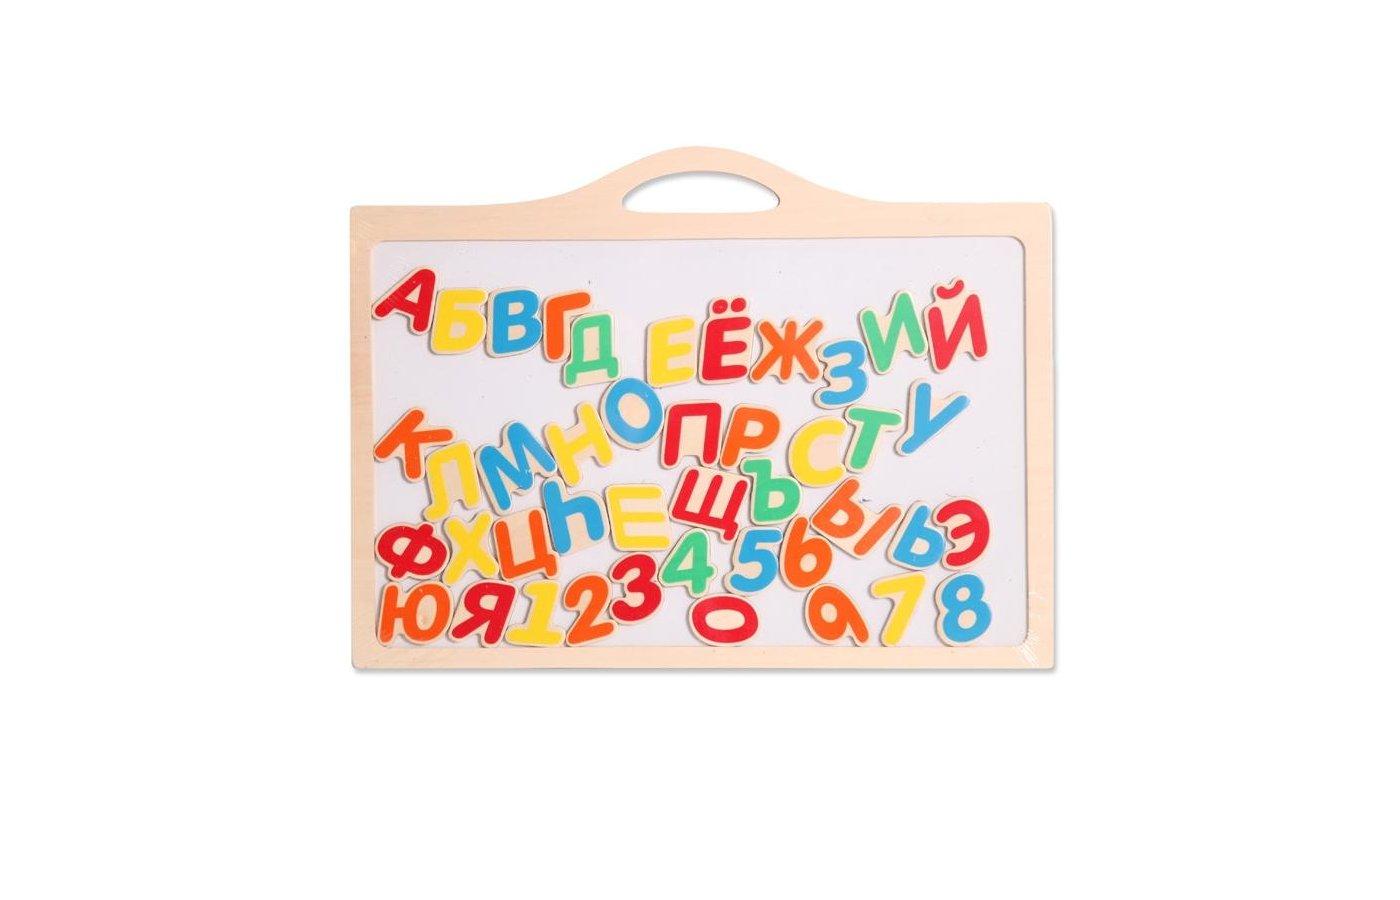 Игрушка Altacto Creative ALT1304-100 Деревянная игрушка. Магнитная доска Алфавит + Цифры